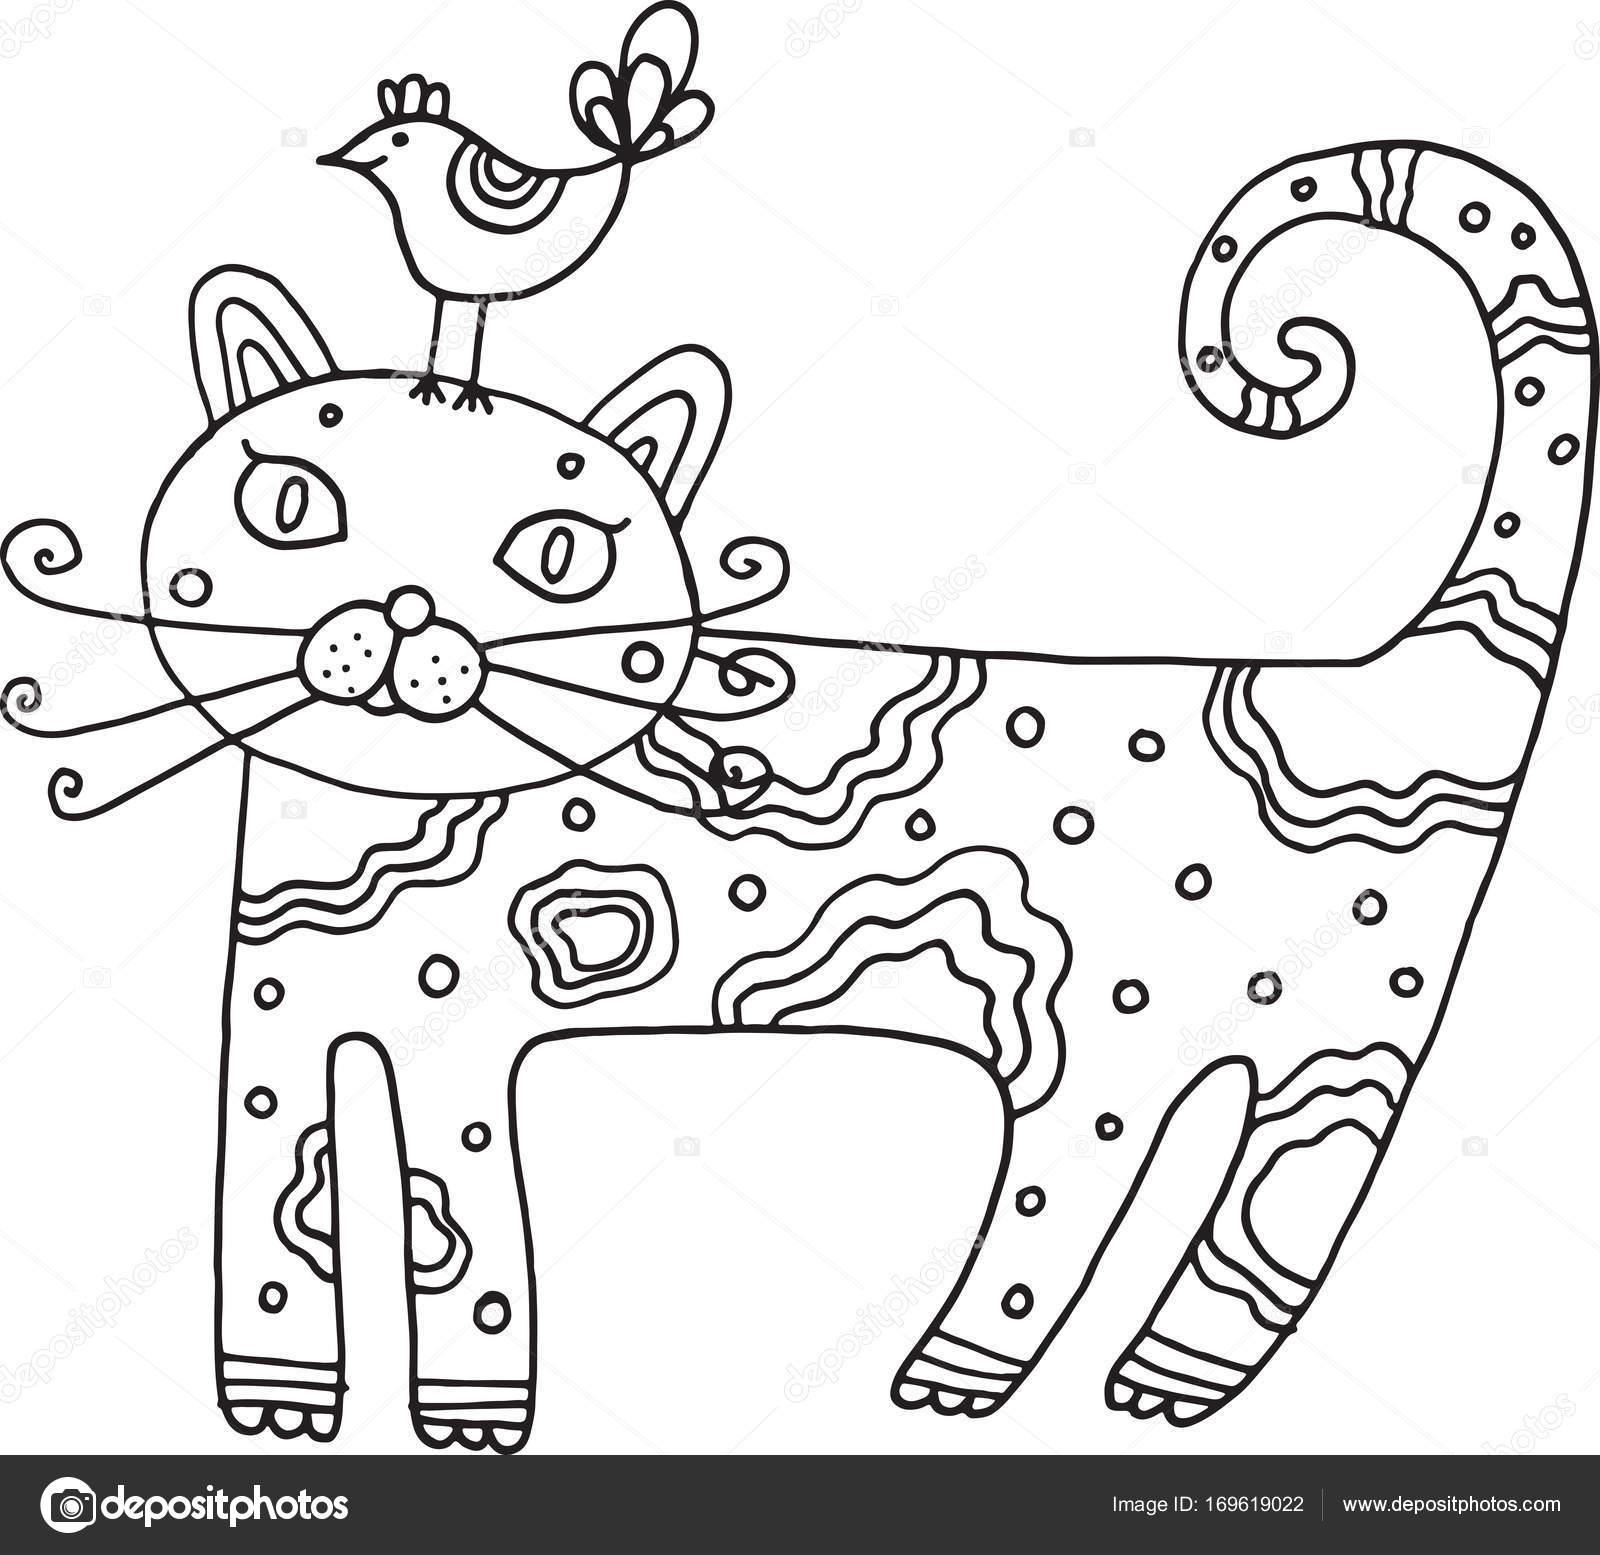 Gato dibujado del cabrito con Ave. Vector aislado línea arte para ...